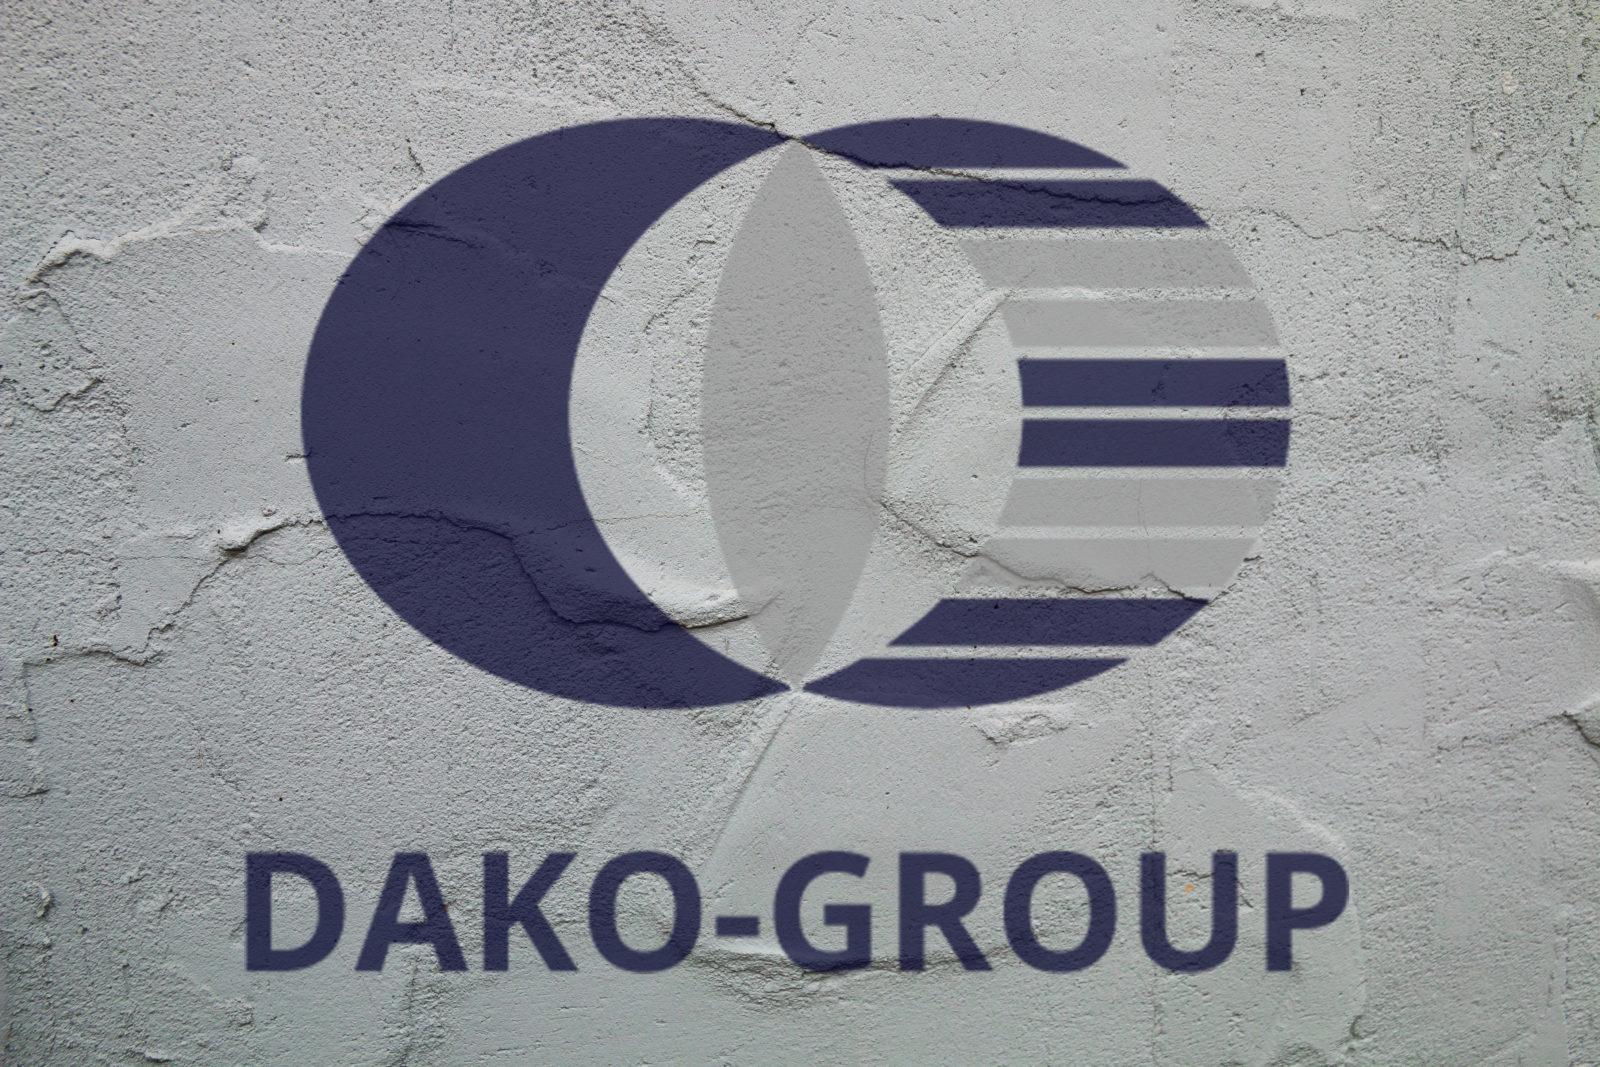 Подписывайтесь на нашу страницу и оставайтесь c DAKO-GROUP.